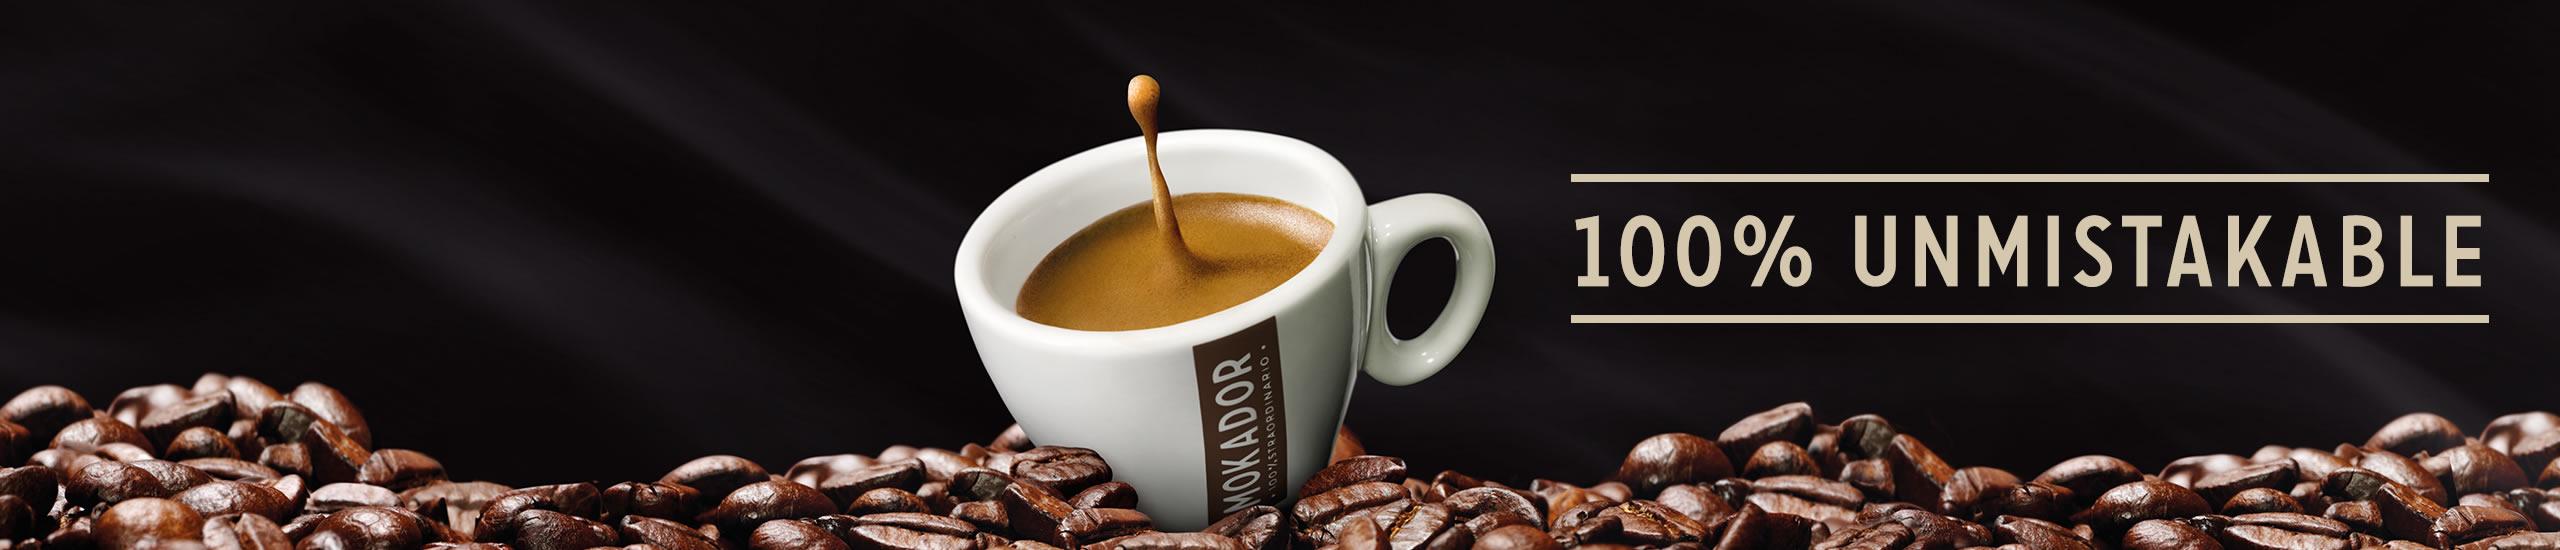 Fundada como torrefacção e com 50 anos, a prestigiada marca Mokador produz café italiano da mais alta qualidade. Com café em grão, em cápsulas e em pastilhas para três tipos de clientes: Escritório, Casa e Hotelaria.